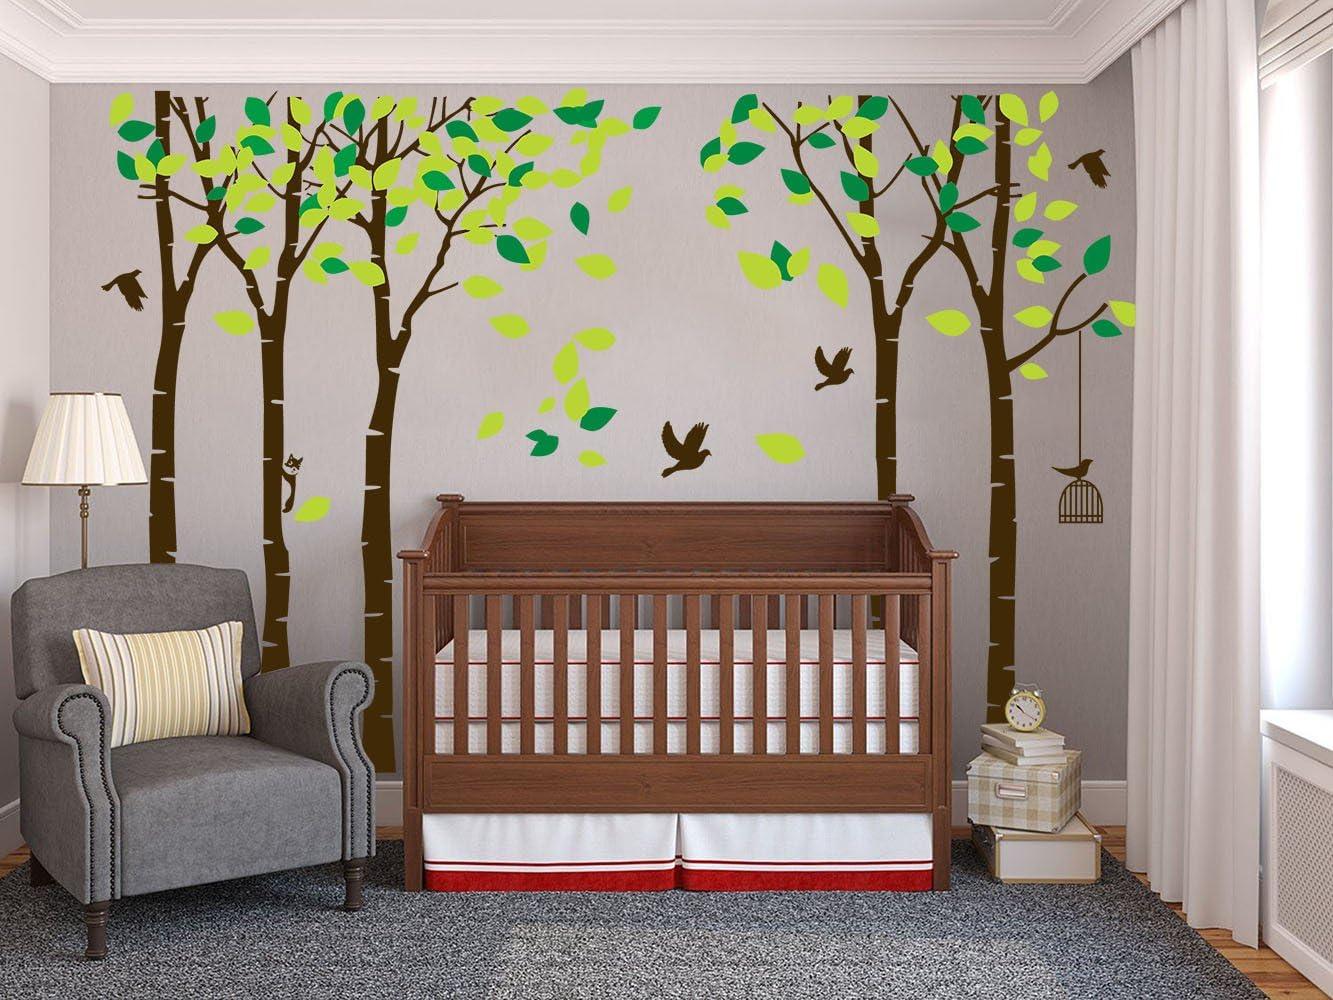 Verde y marr/ón ni/ños y ni/ñas Vinilo extra/íble 104 x 71 Adhesivo Decorativo para Pared de /árbol para Sala de Estar Rocwart decoraci/ón para el hogar